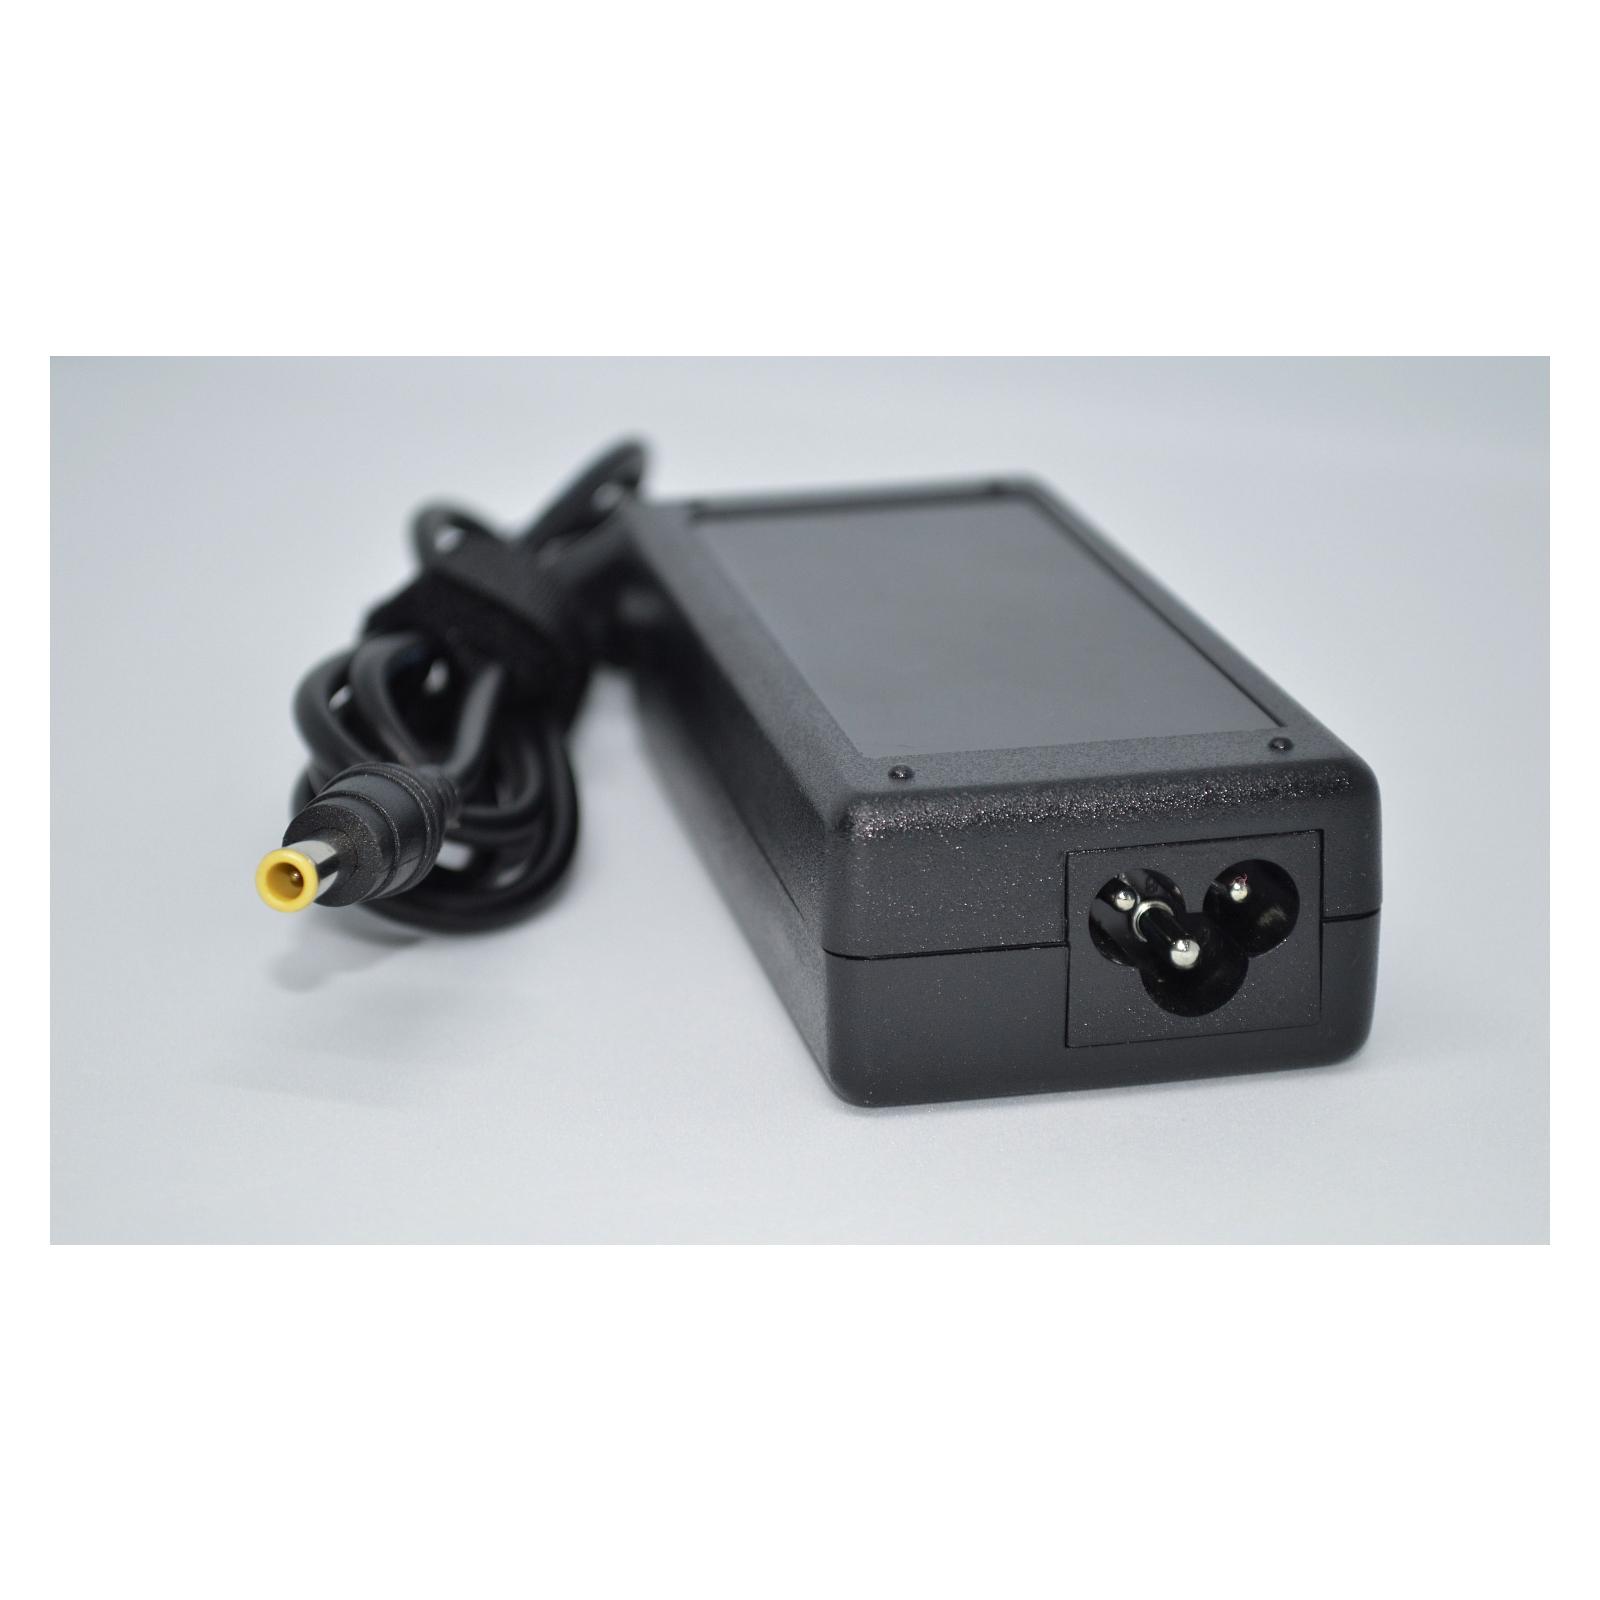 Блок питания для монитора Drobak для LCD мониторов Samsung 14V 3.5A 49W разъем 5.5*3.0 (141608) изображение 5